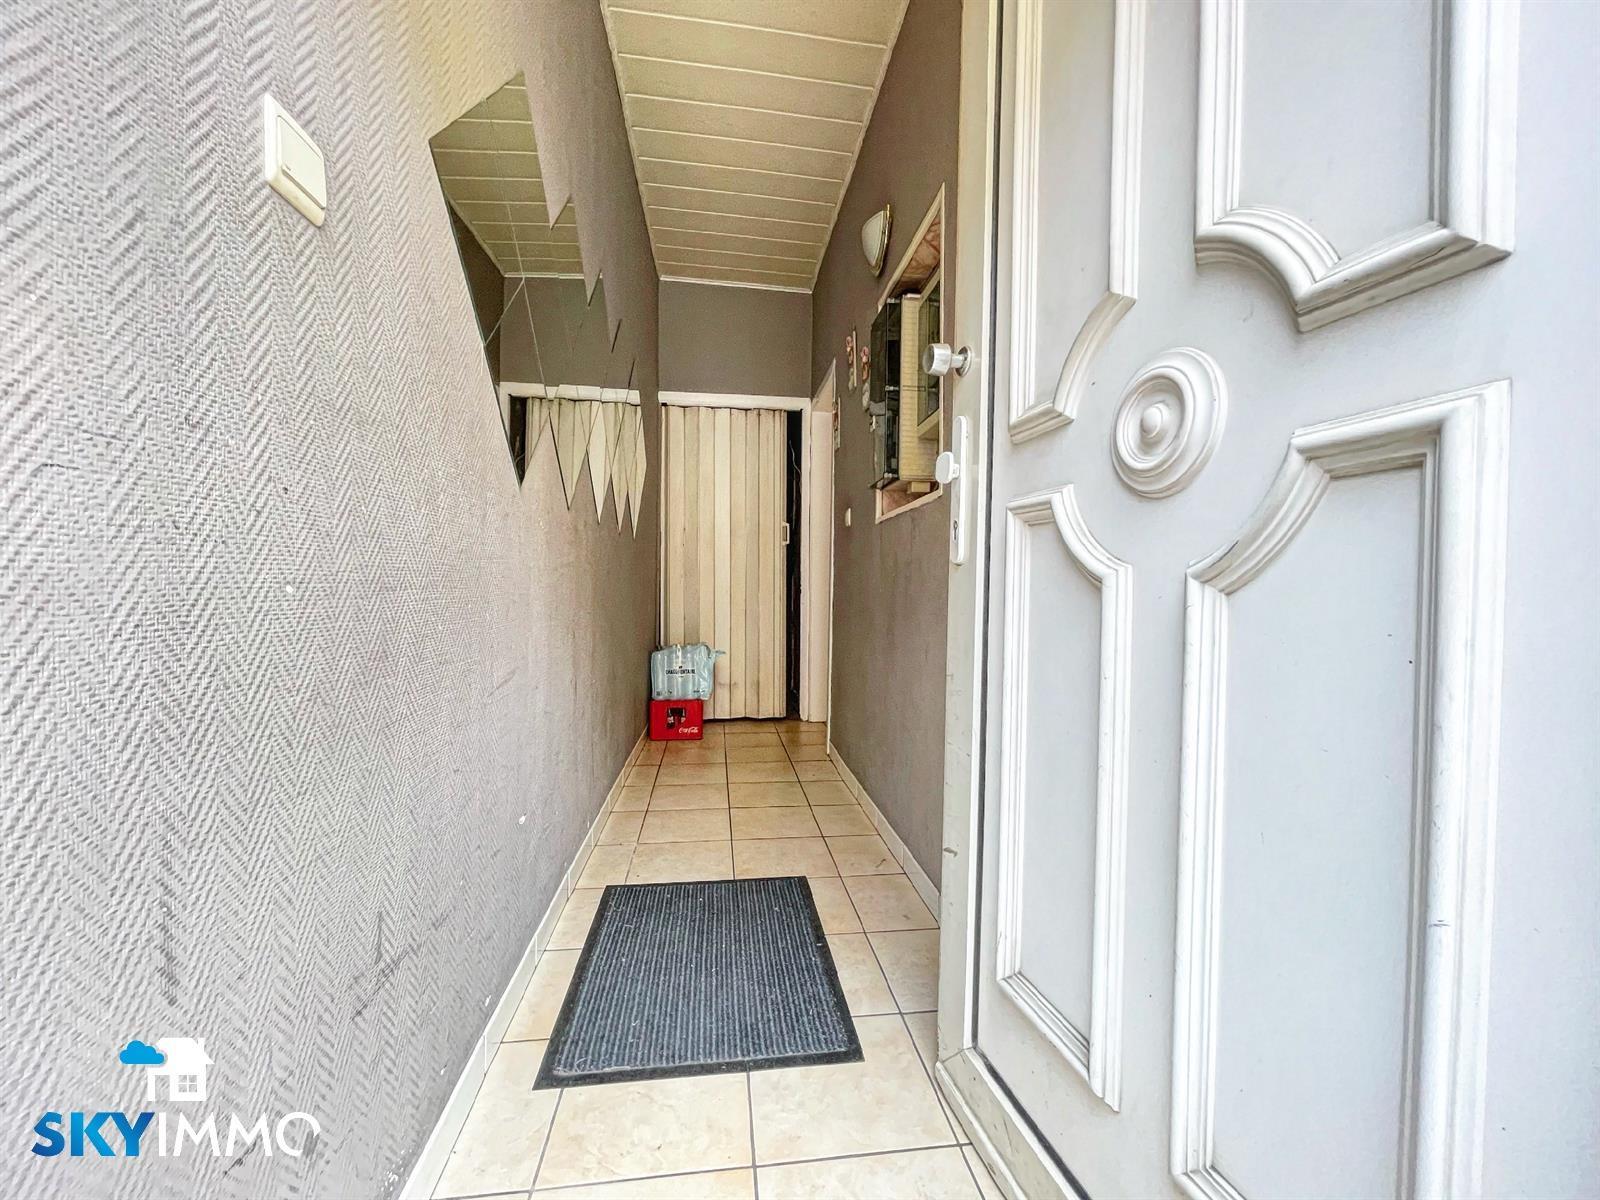 Maison - Seraing - #4448423-1